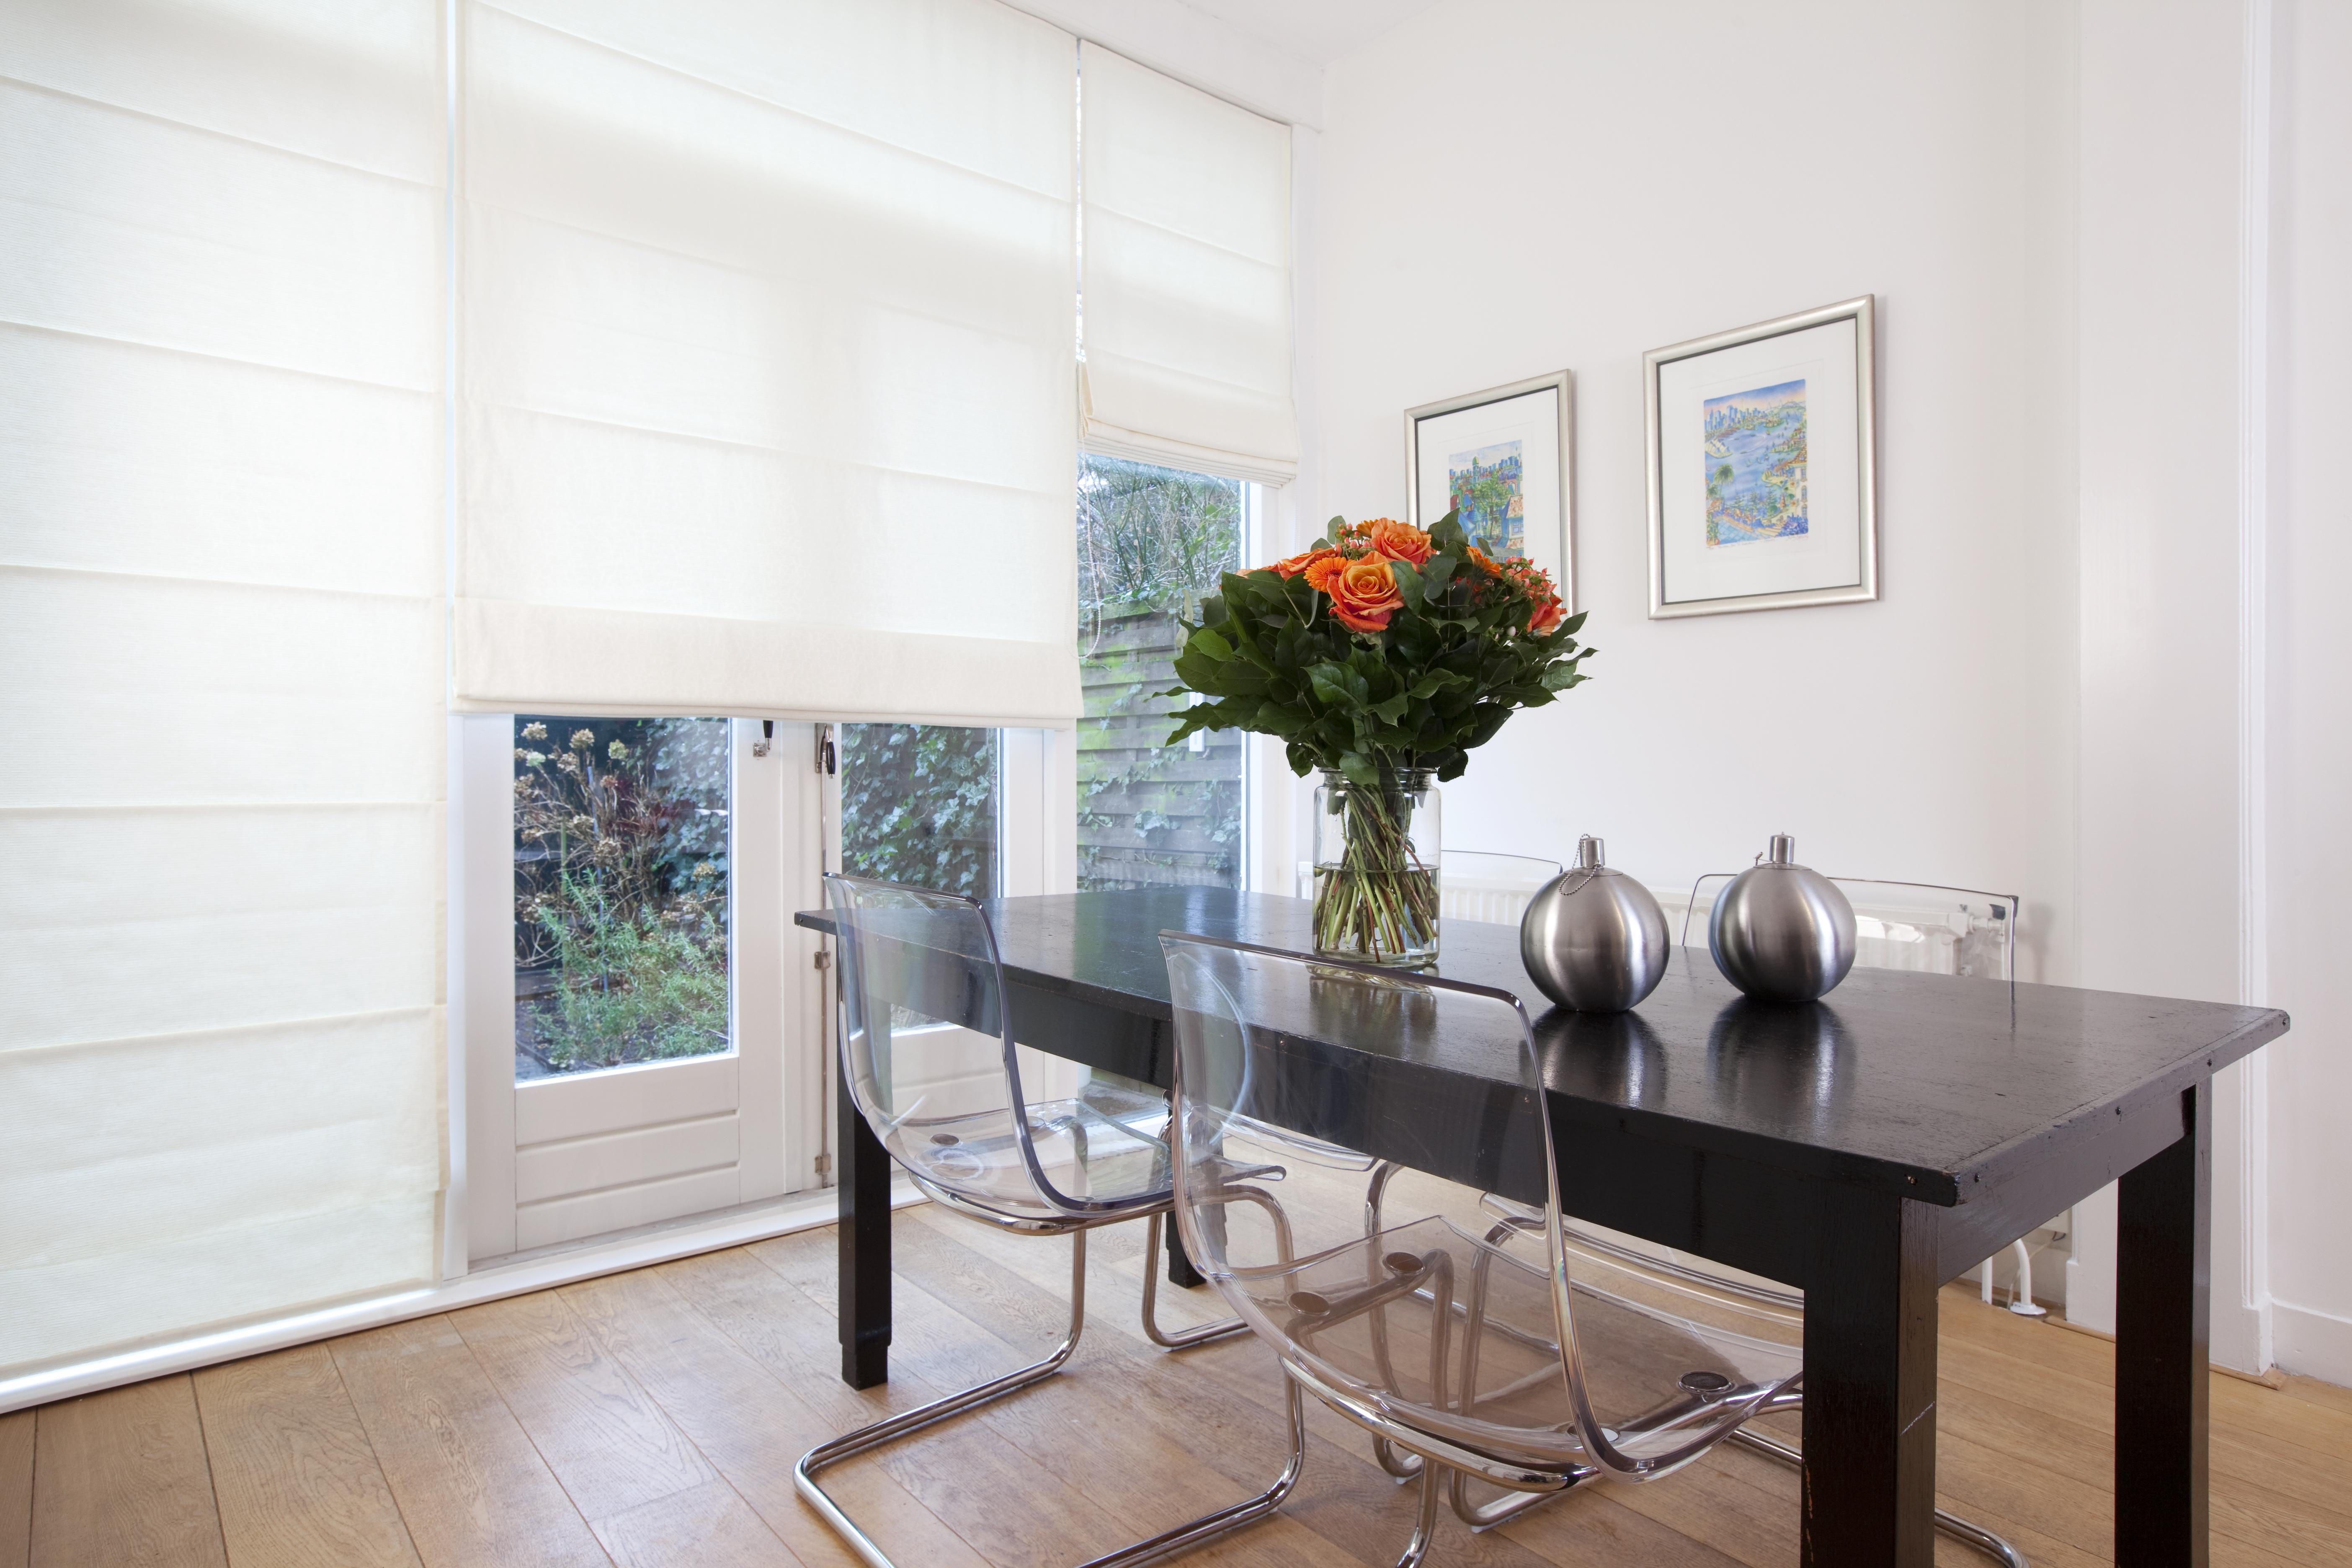 Luxe en trendy raamdecoratie inspiratie voor je interieur - Deco eetkamer trendy ...